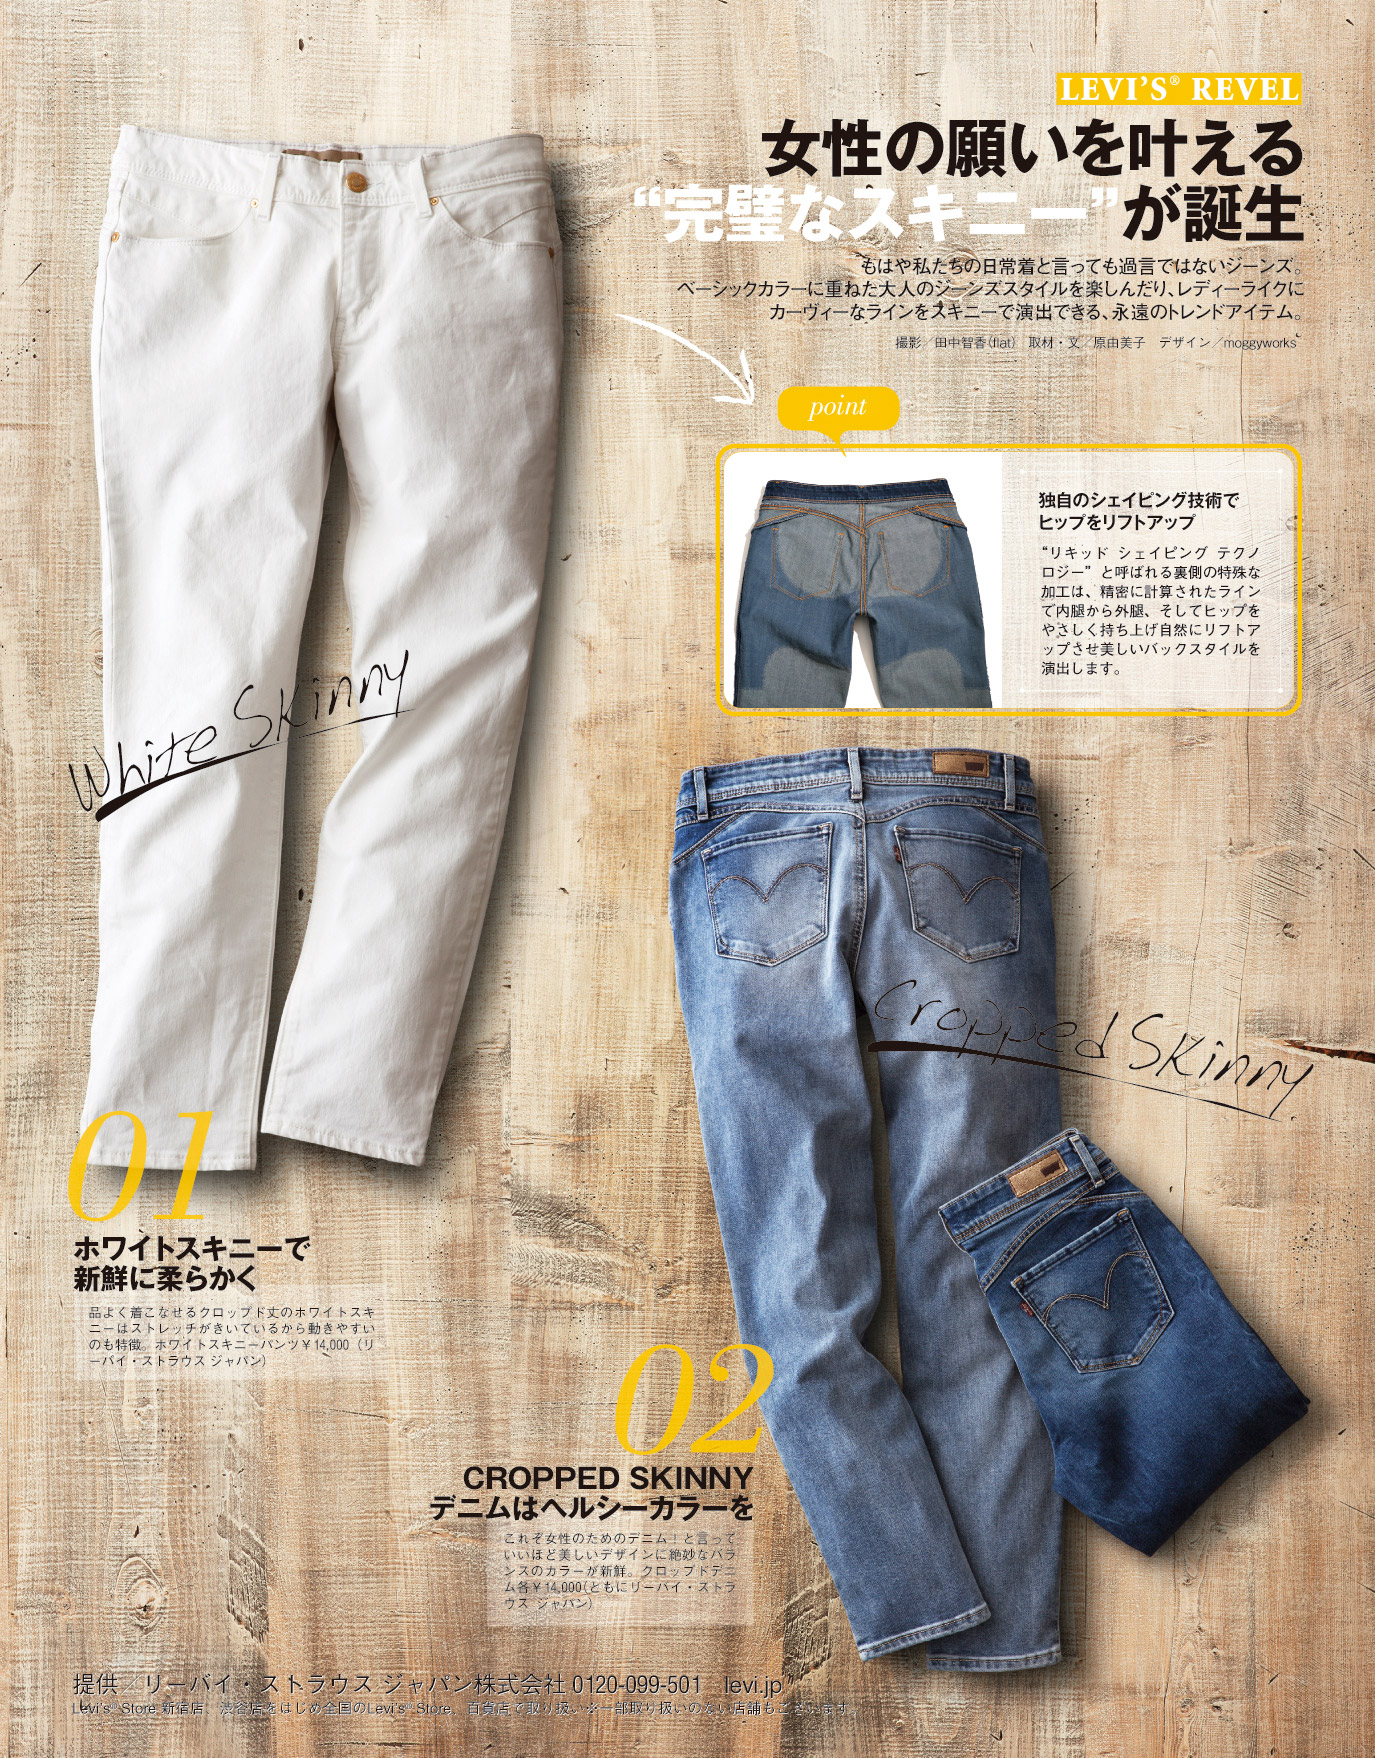 14 3売 VERY × ファッション